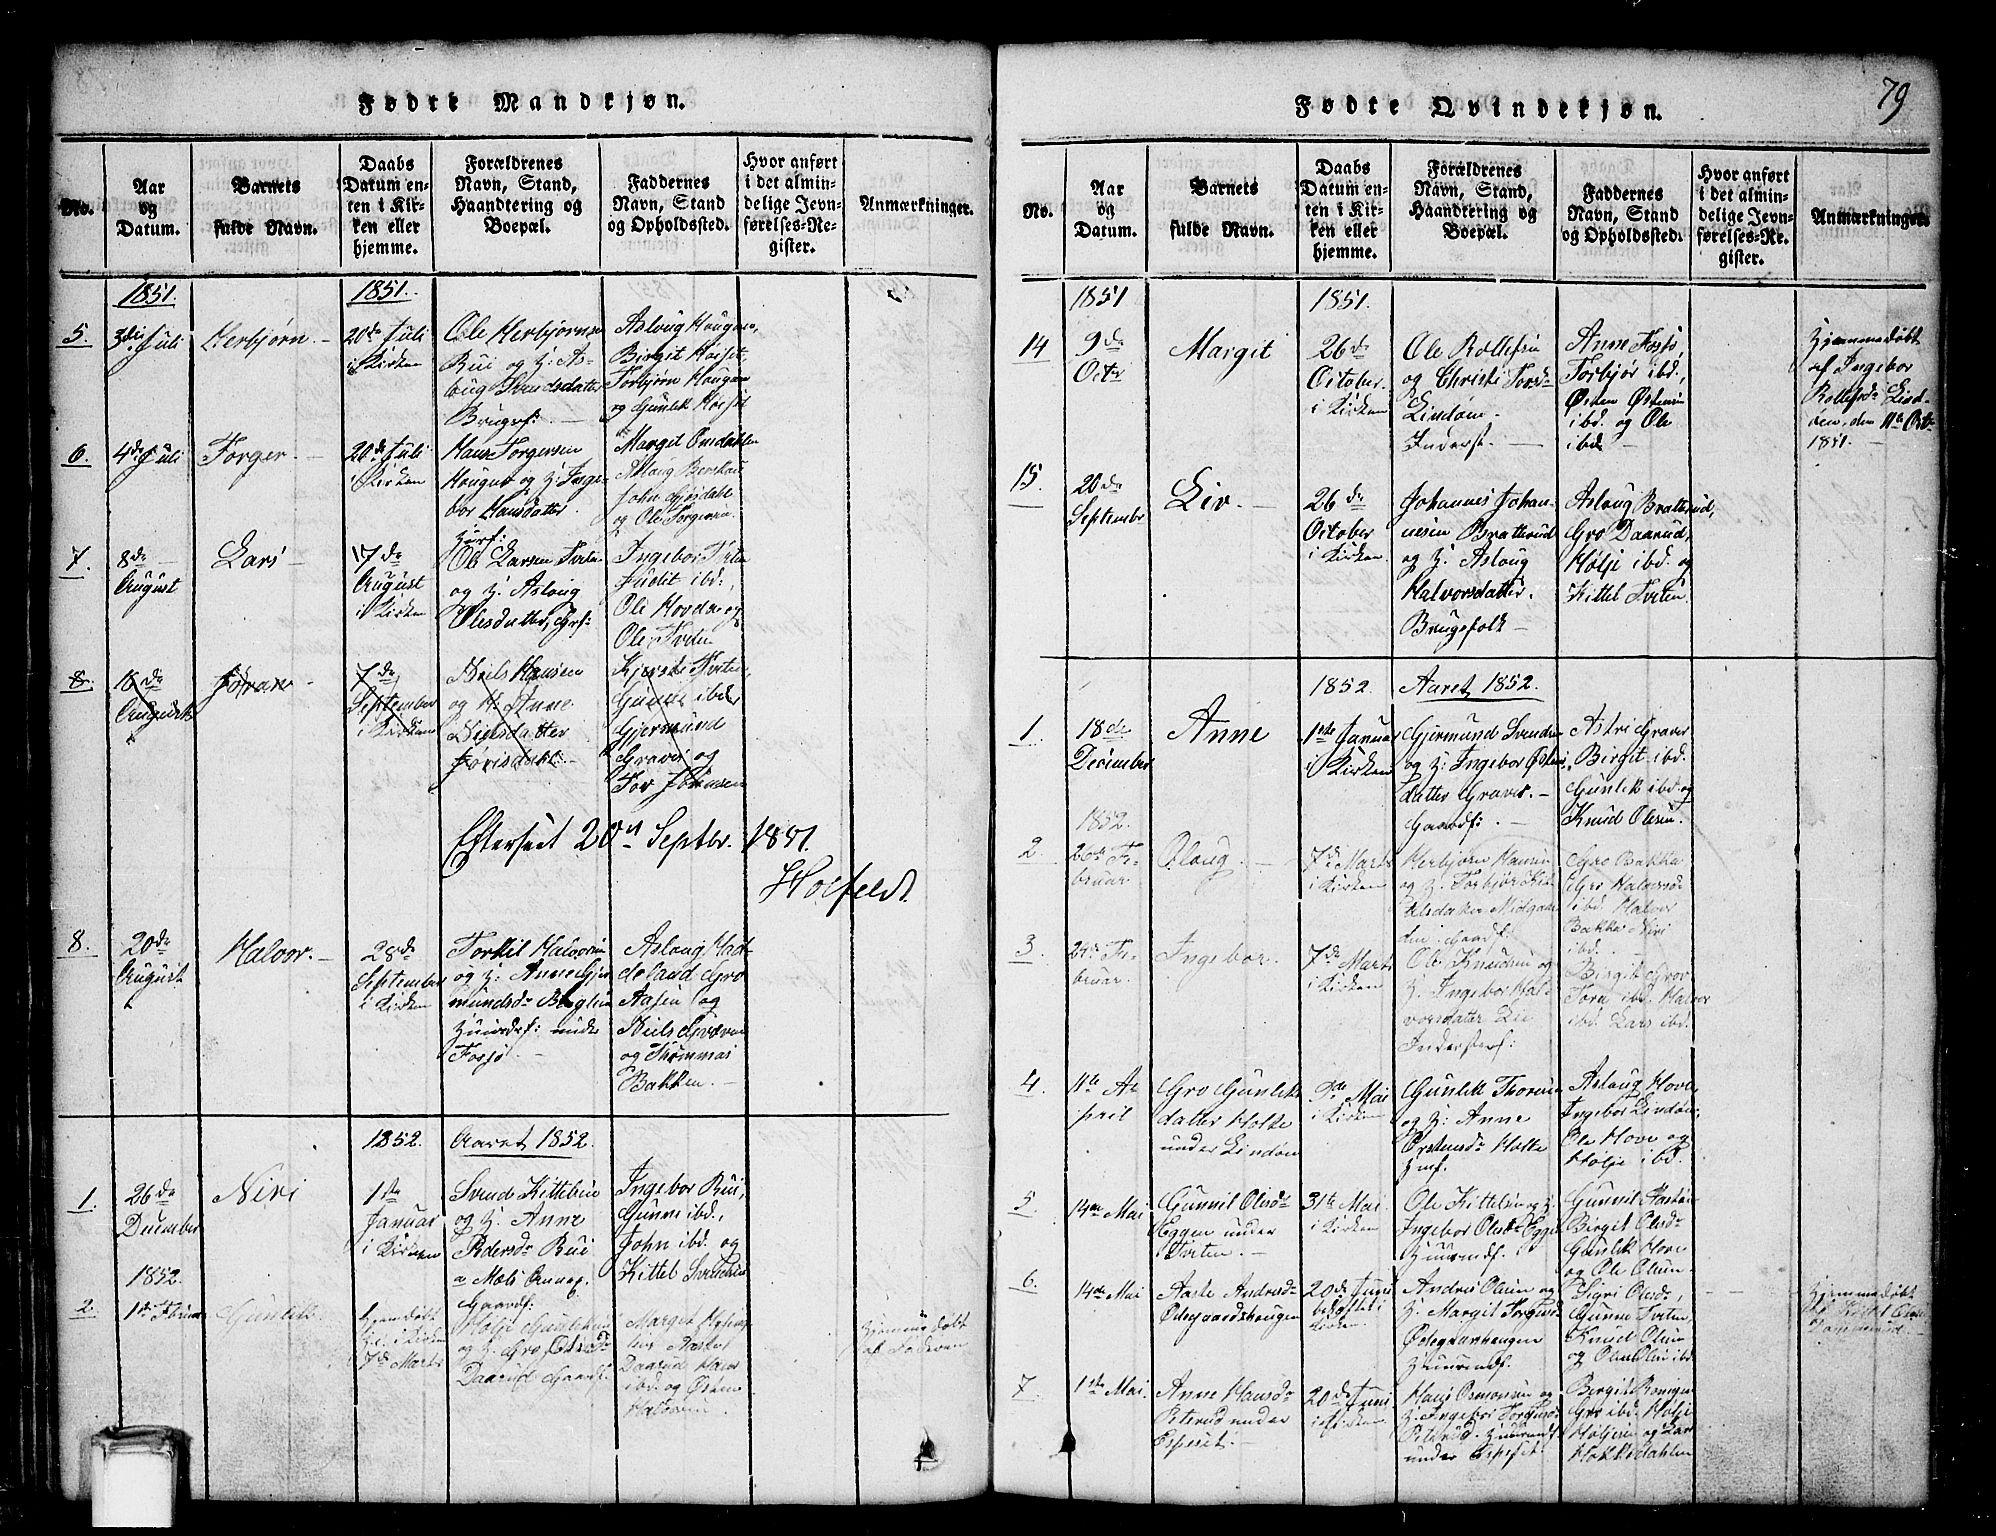 SAKO, Gransherad kirkebøker, G/Gb/L0001: Klokkerbok nr. II 1, 1815-1860, s. 79